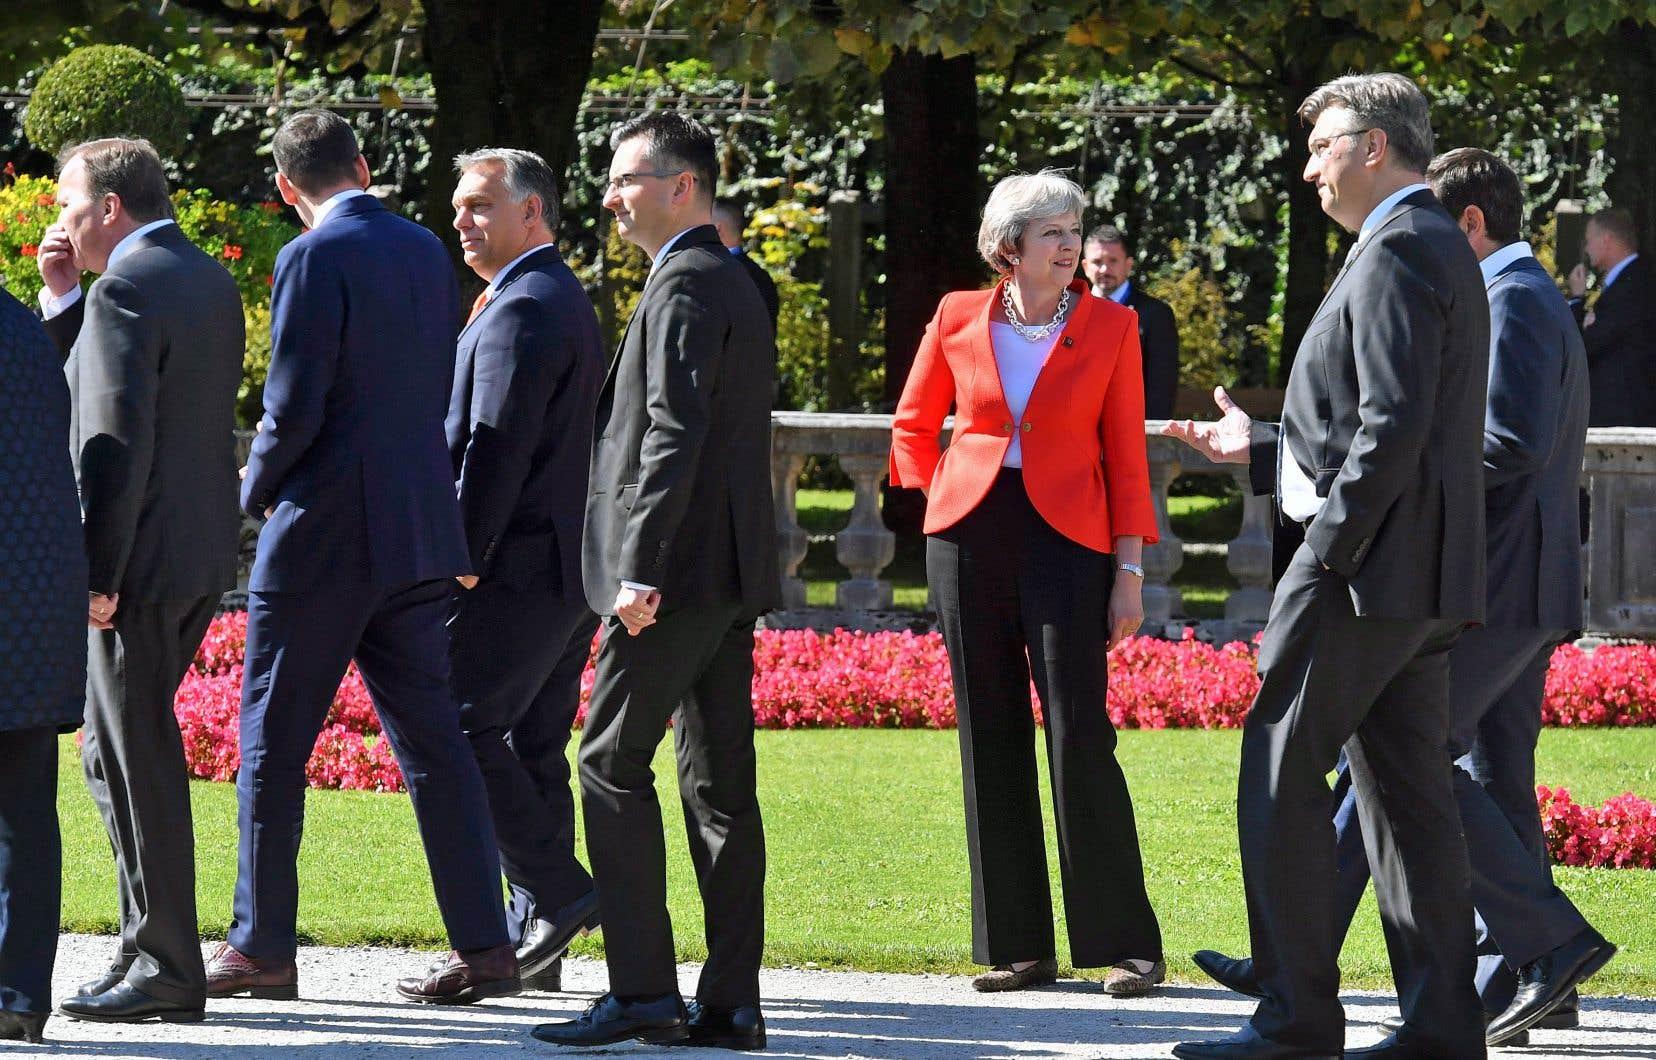 La première ministre britannique, Theresa May, rencontrait cette semaine à Salzbourg, en Autriche, les autres dirigeants de l'Union européenne.